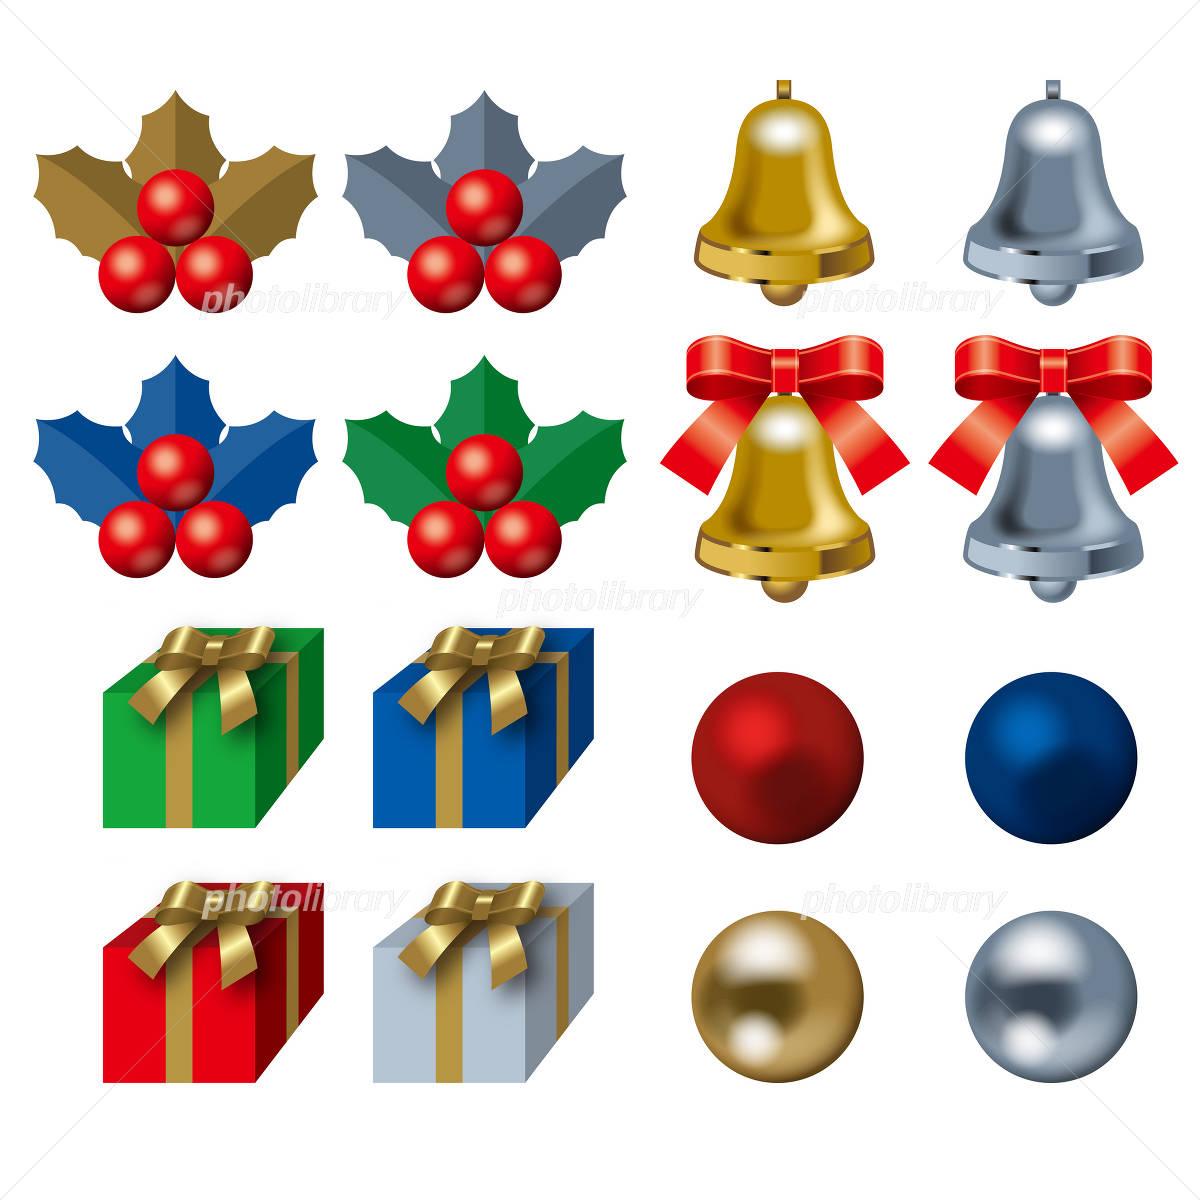 クリスマスオーナメント イラスト素材 [ 2192274 ] , フォト